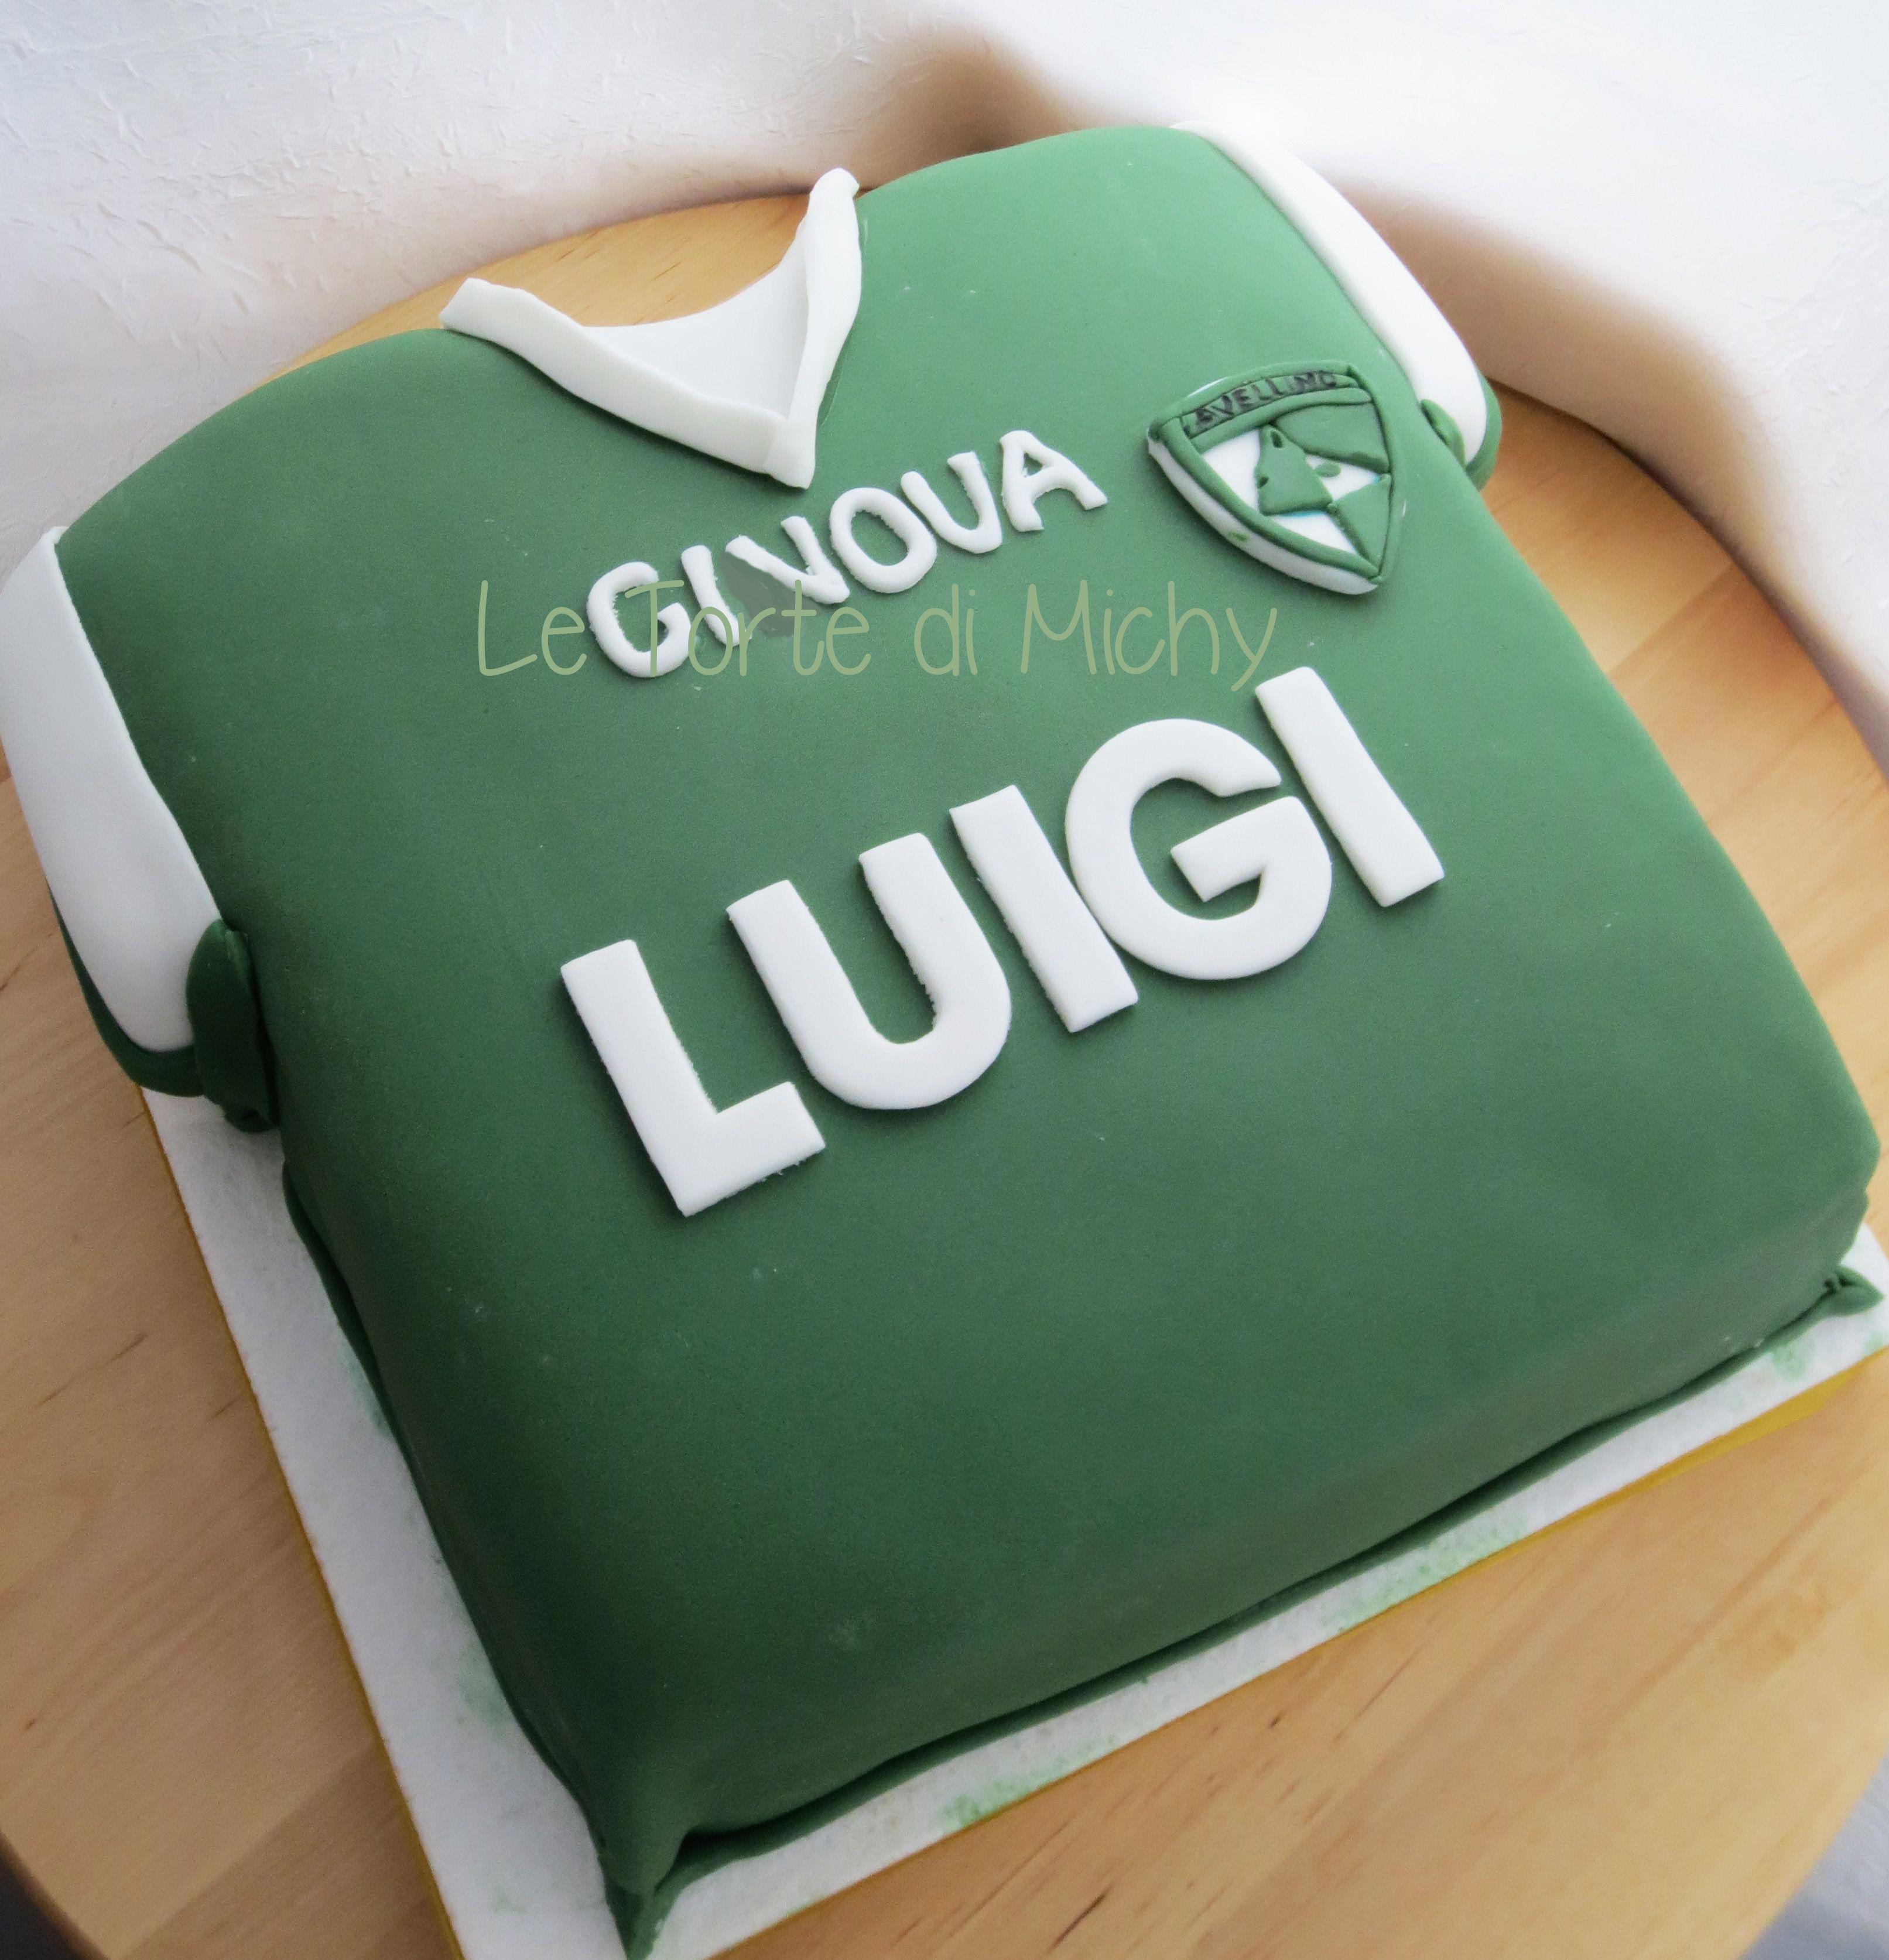 Shirt design cake - Explore Cake Design Cakes And More